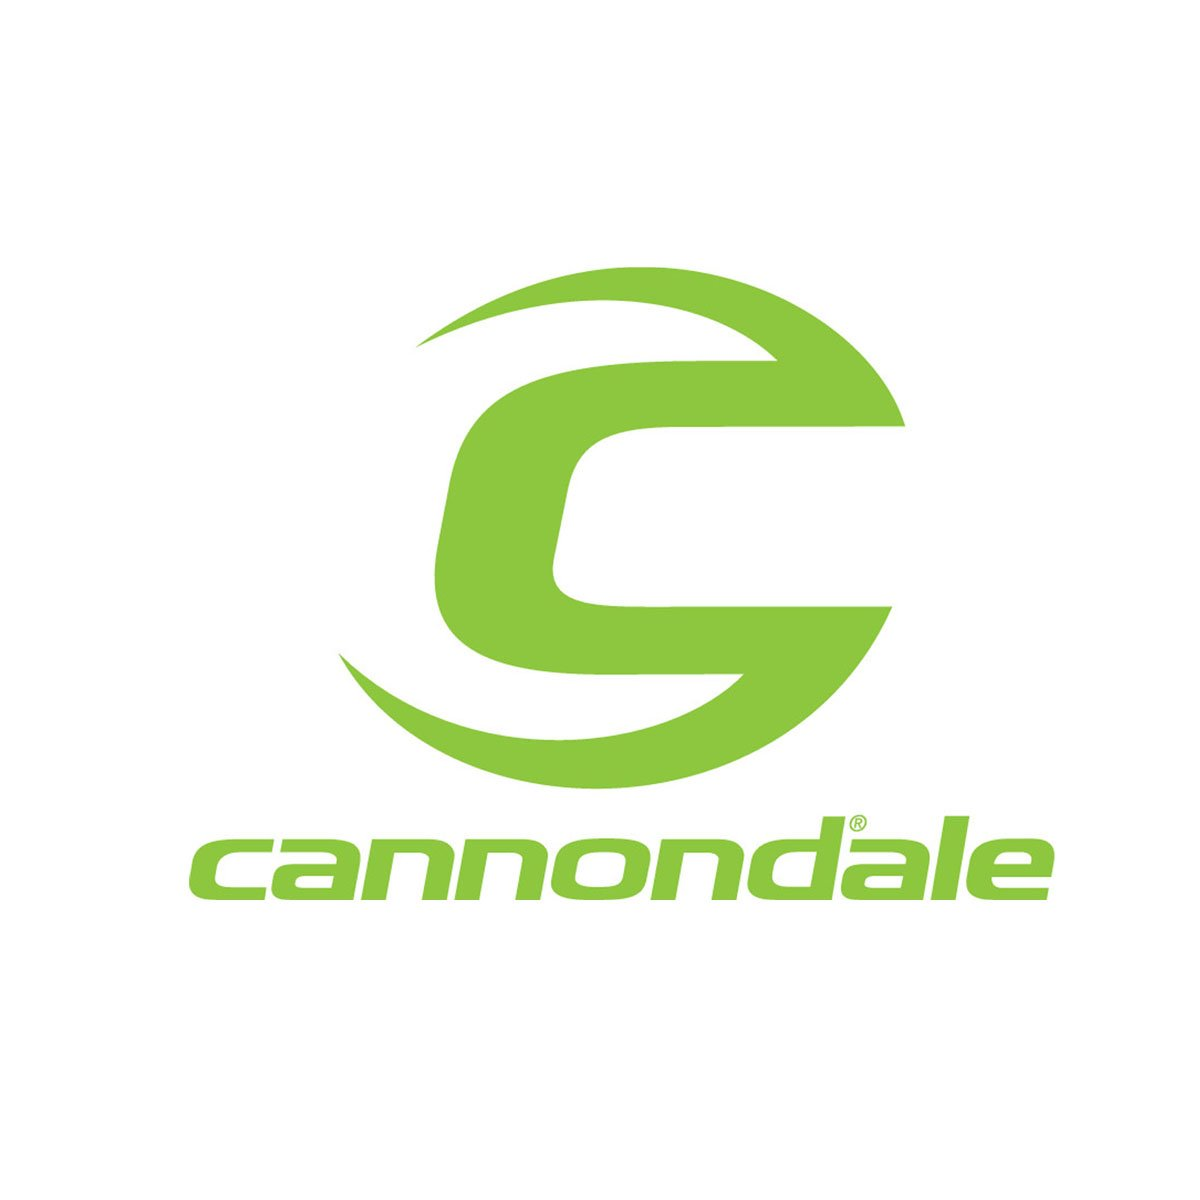 Cannondale 2017 Presta Valve Inner Tube - 700 x 32-35c - Box of 35 - CP8117U0003